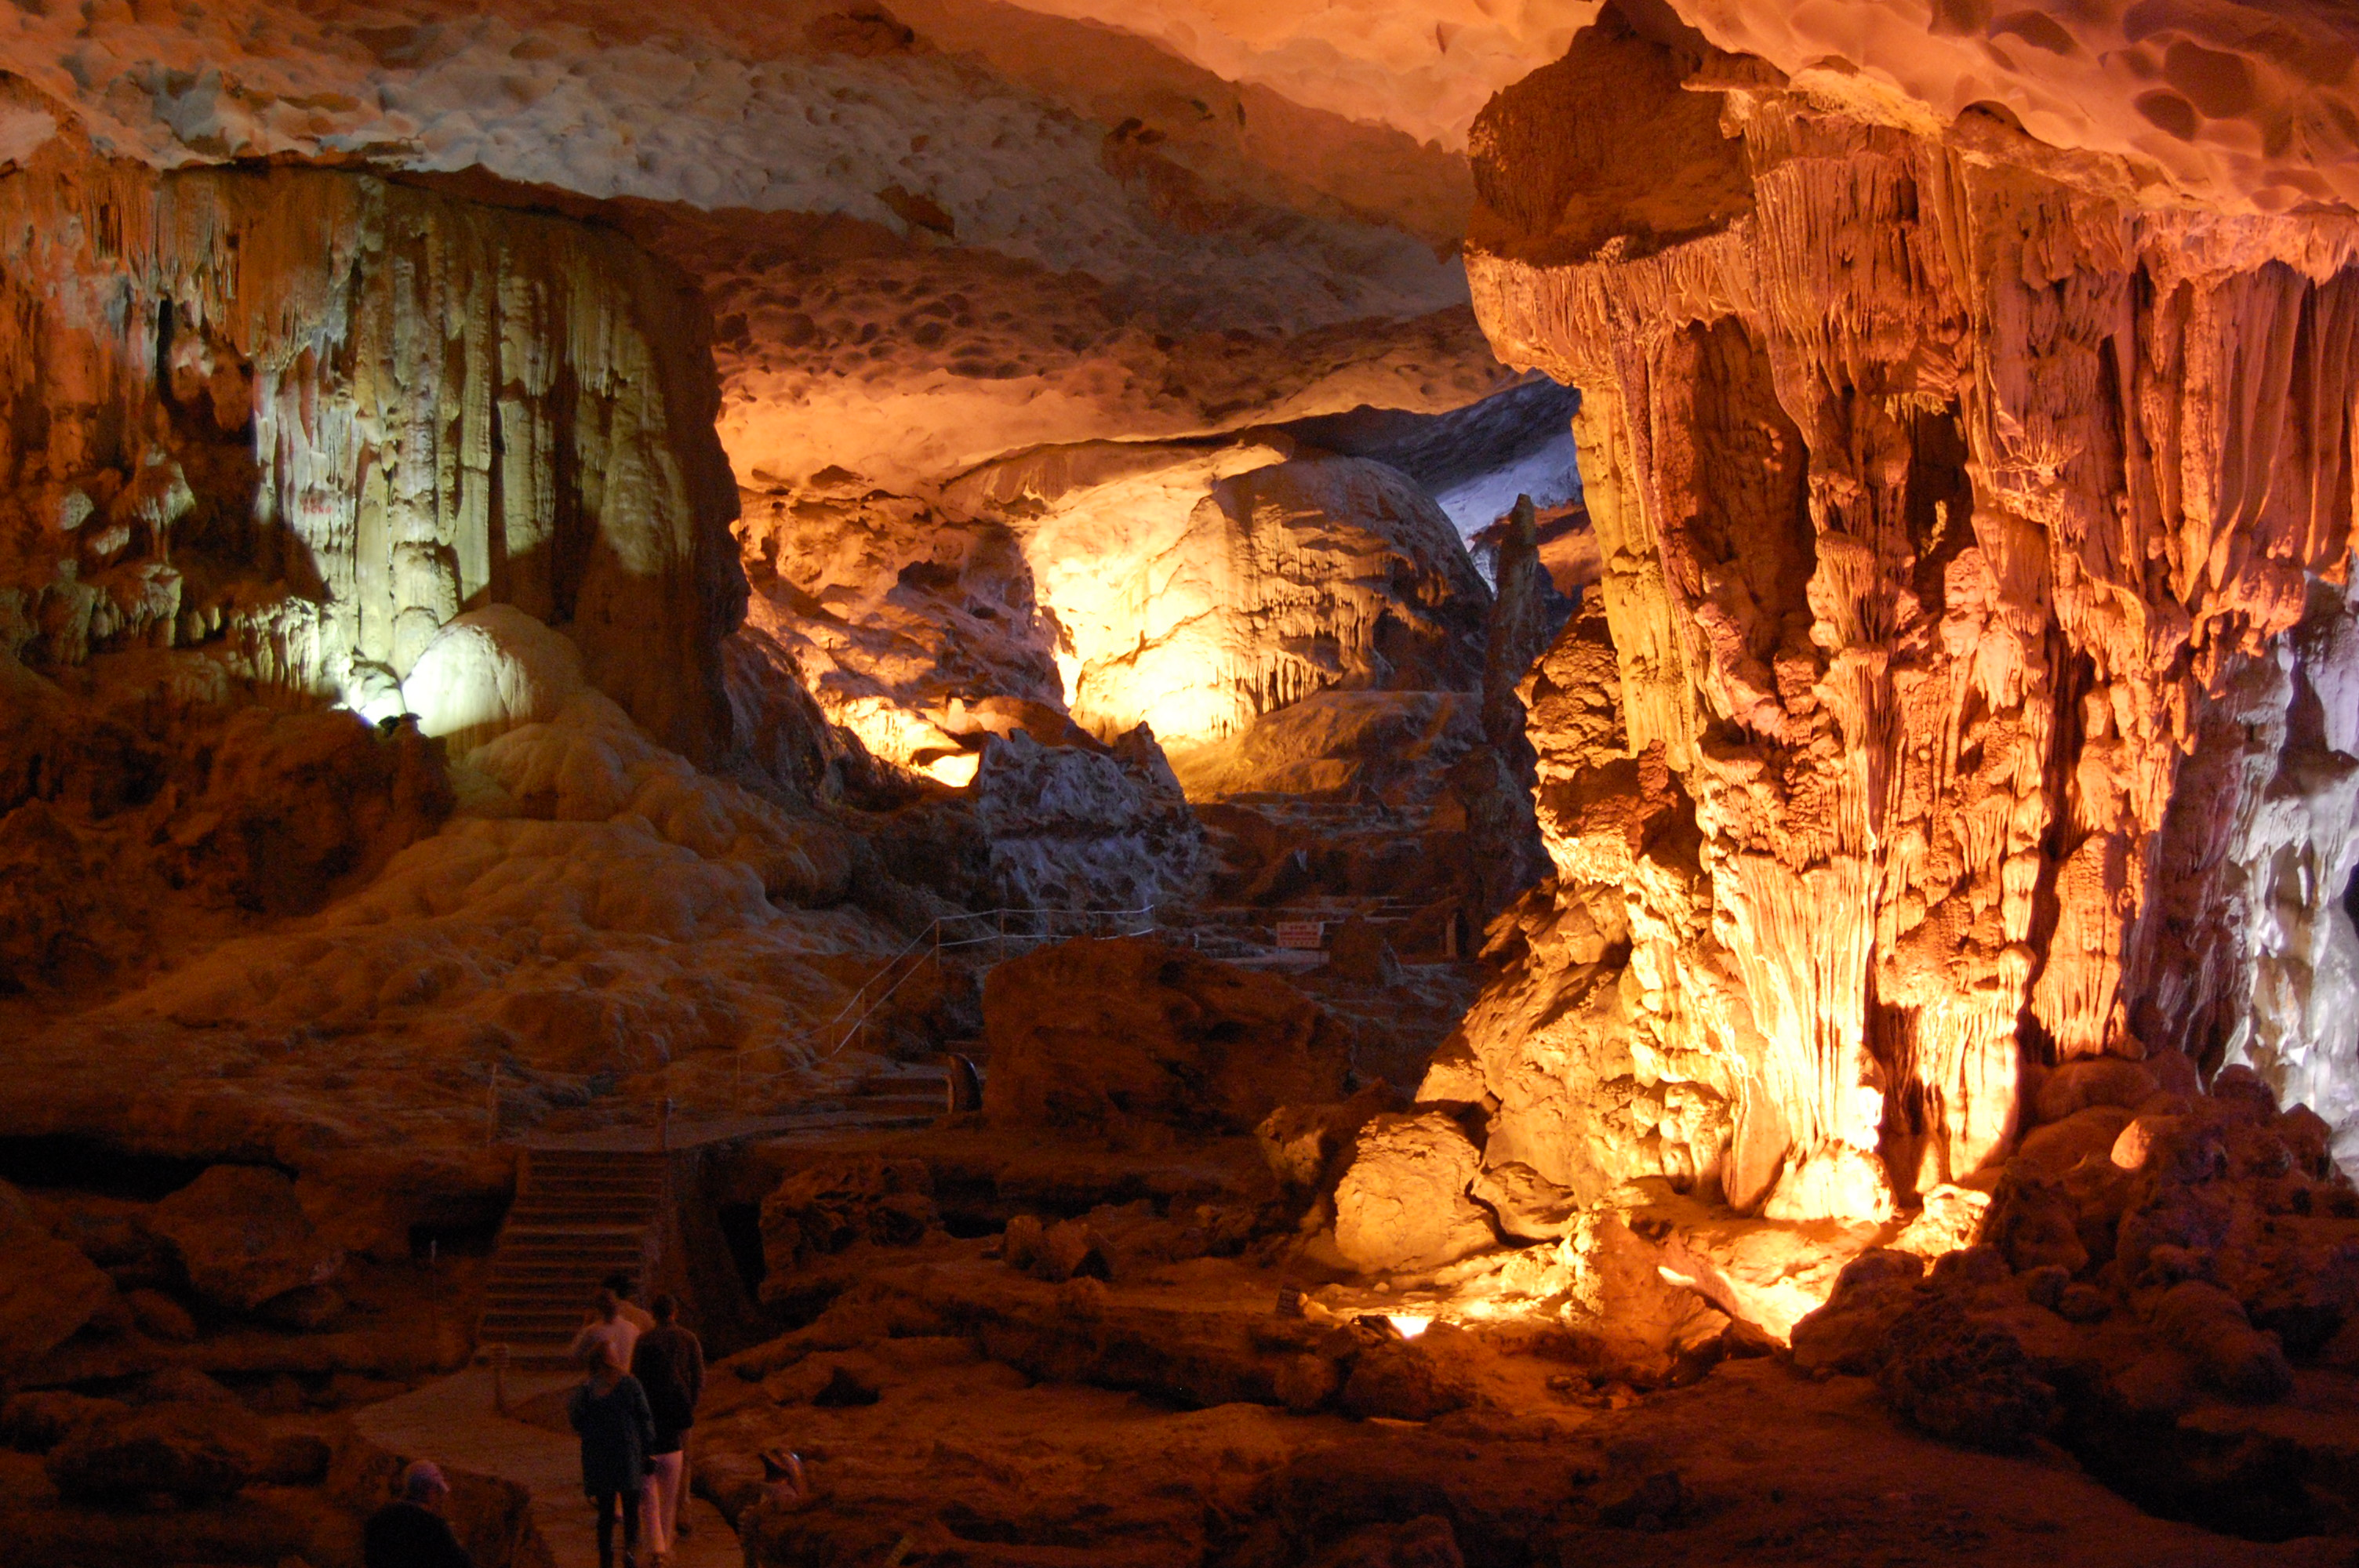 Quang cảnh bên trong hang phương thiện, vách nhũ đá tự nhiên, ảnh chụp trong hang động